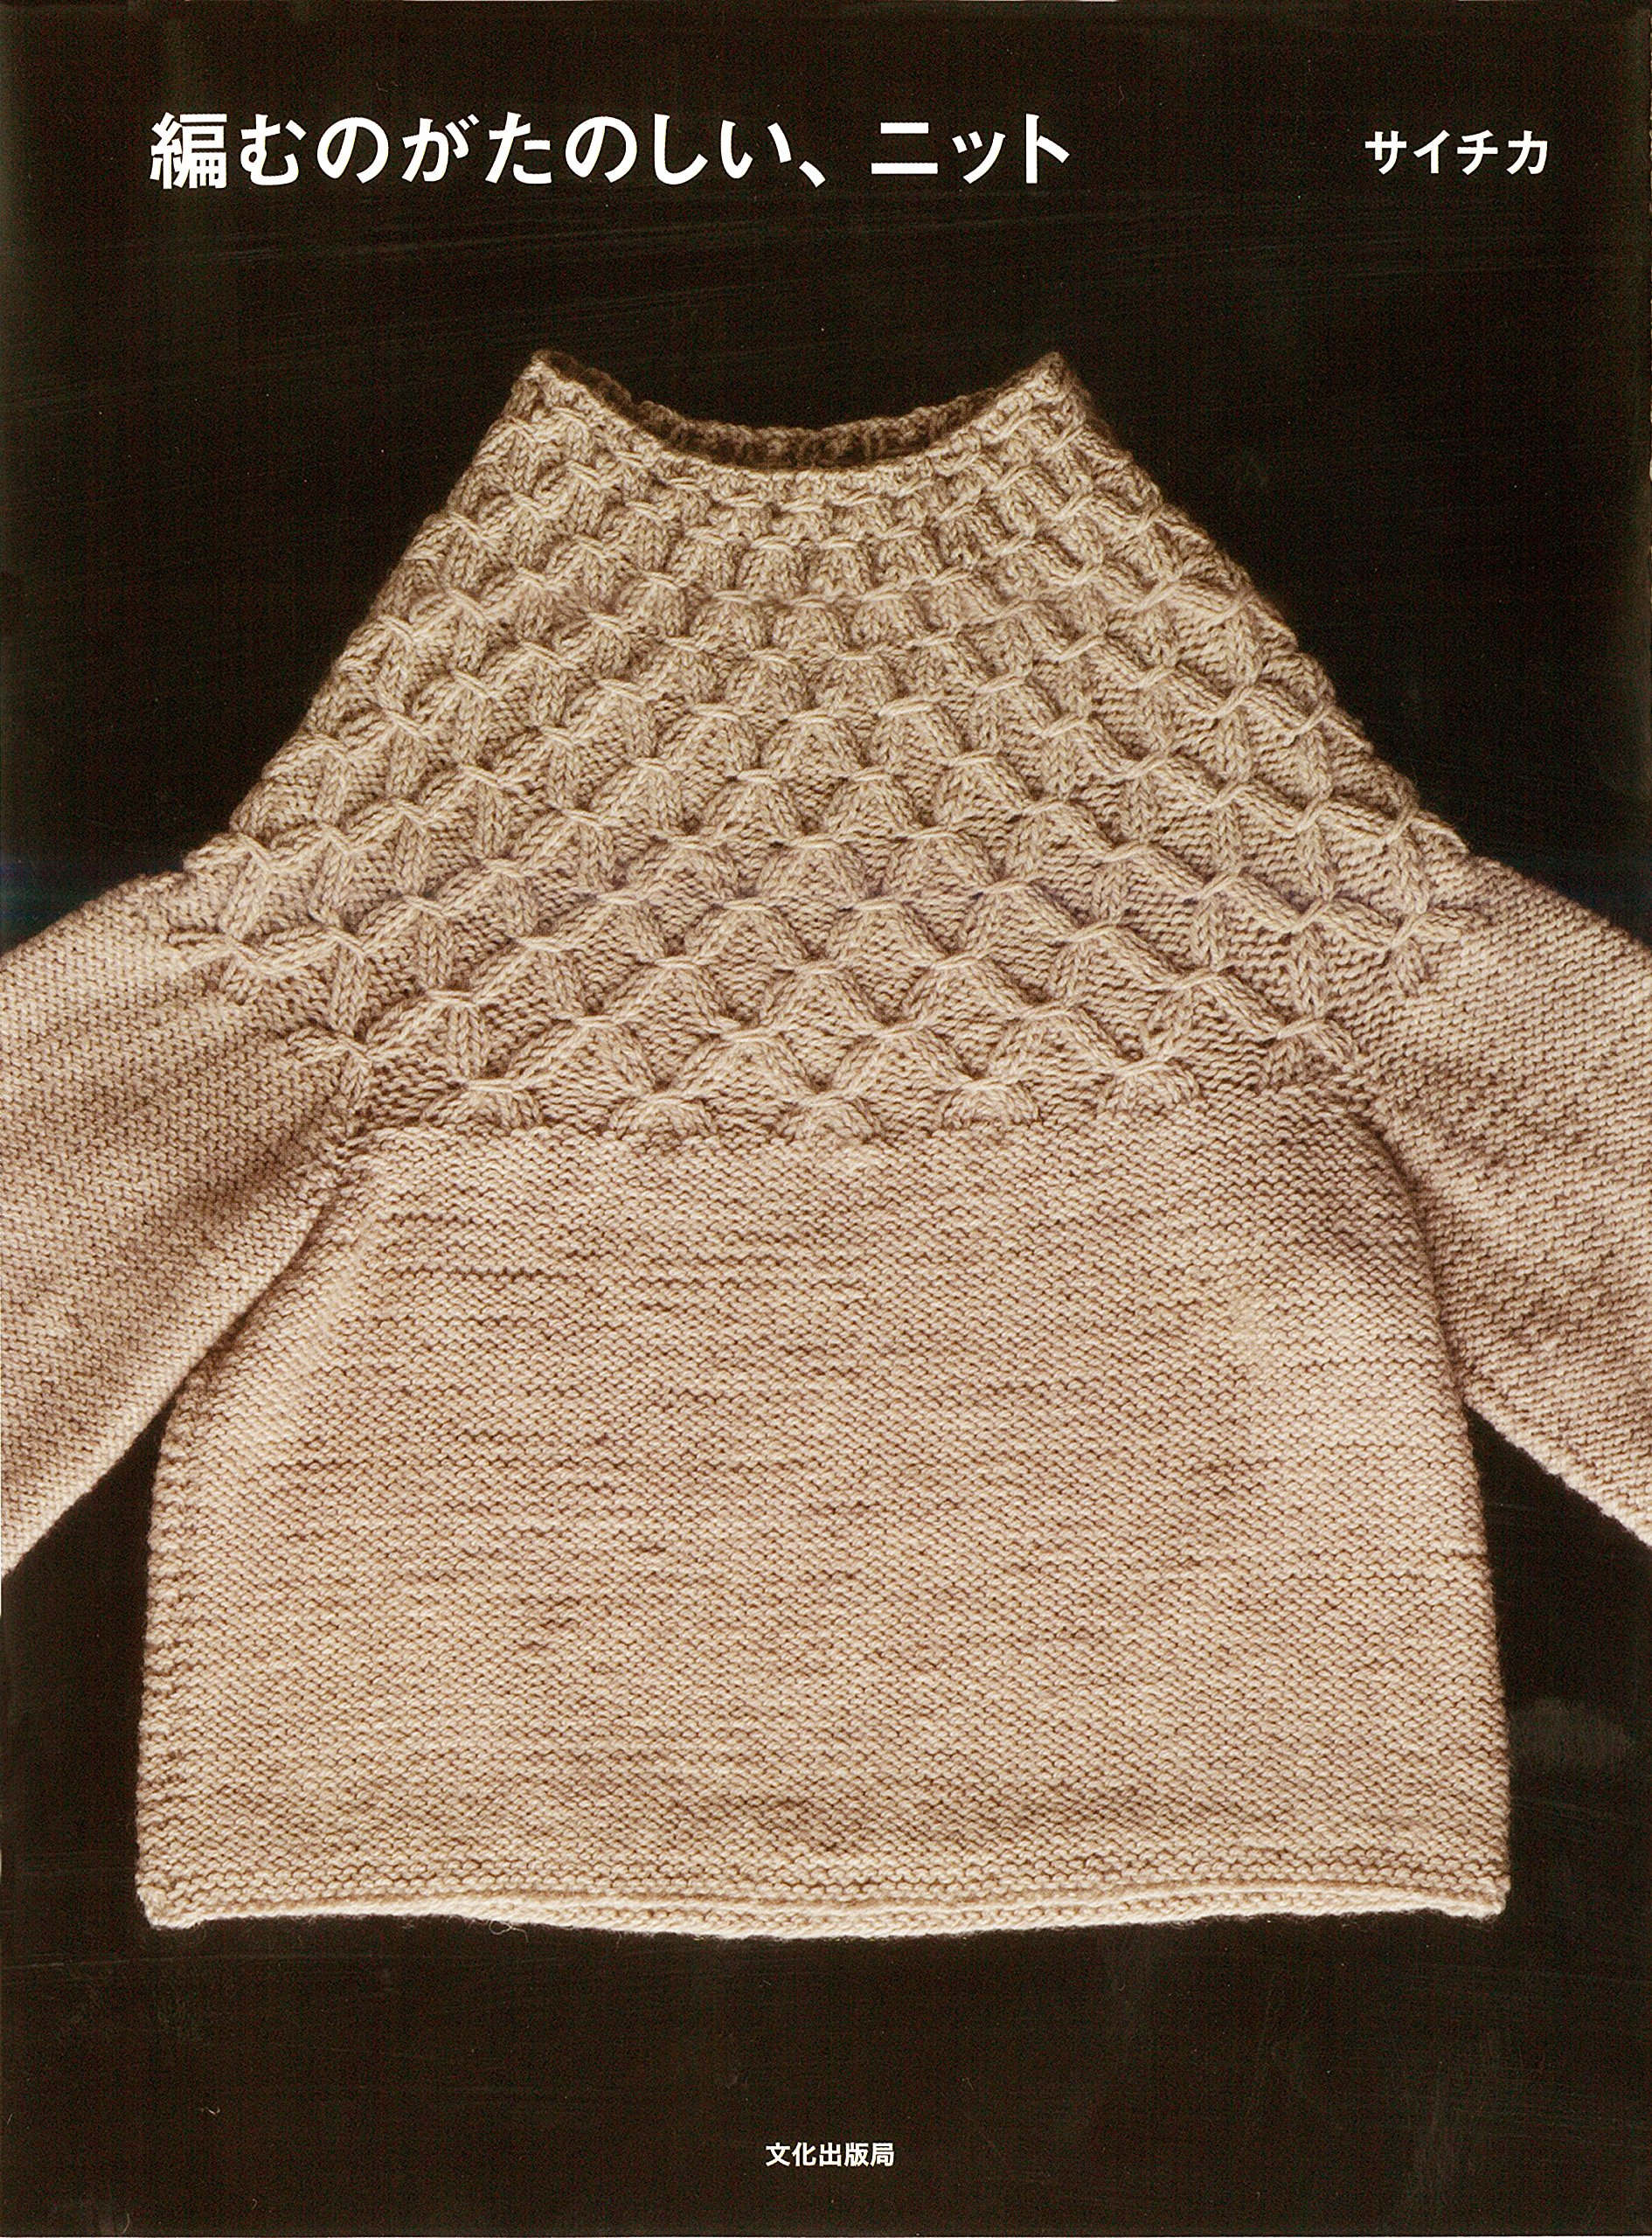 Fun knitting book